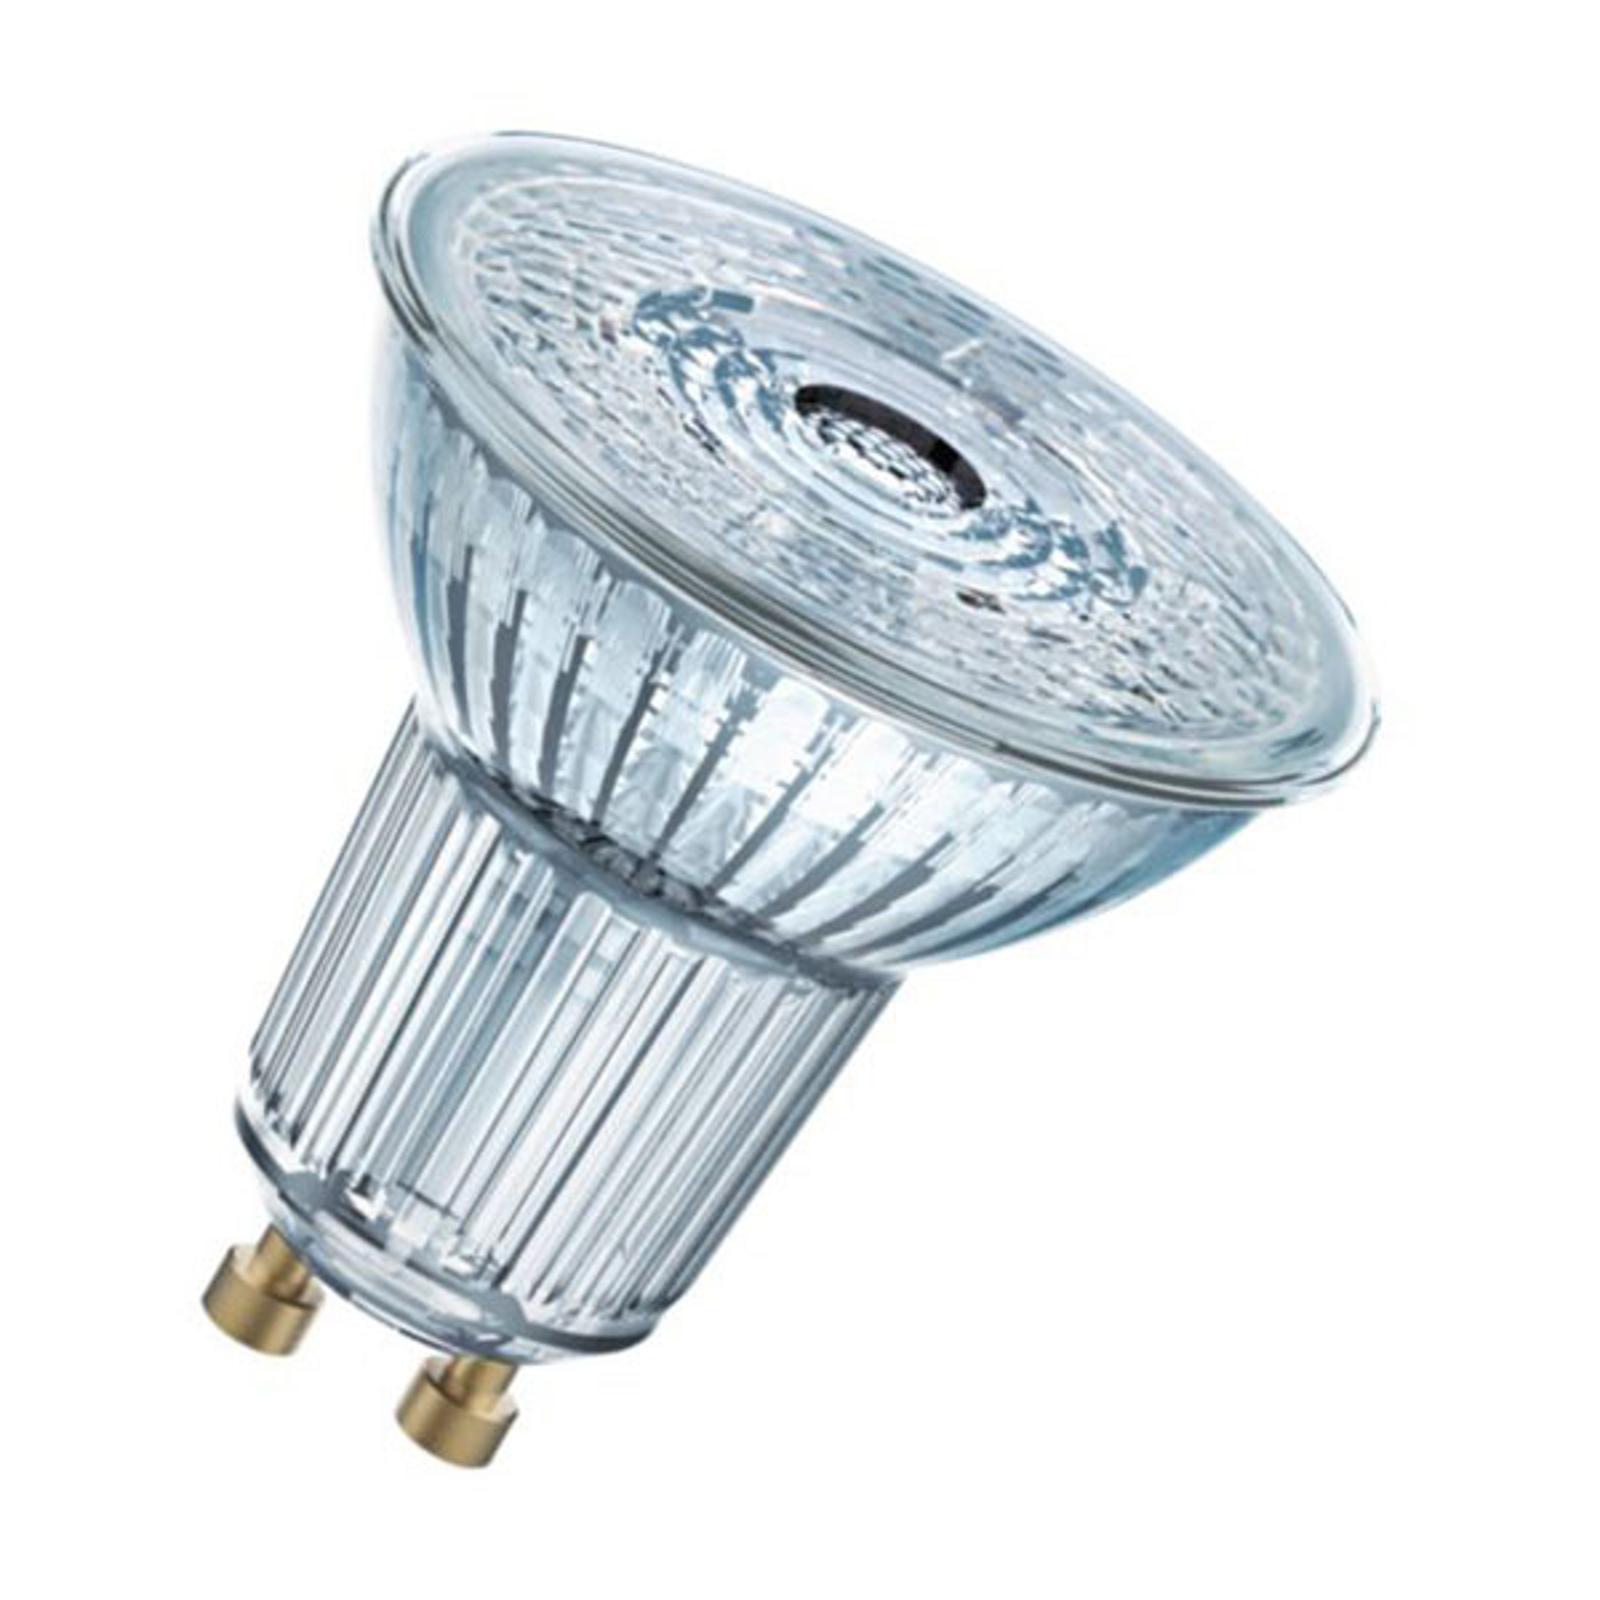 OSRAM reflektor LED GU10 4,3W PAR16 840 36° 2 szt.